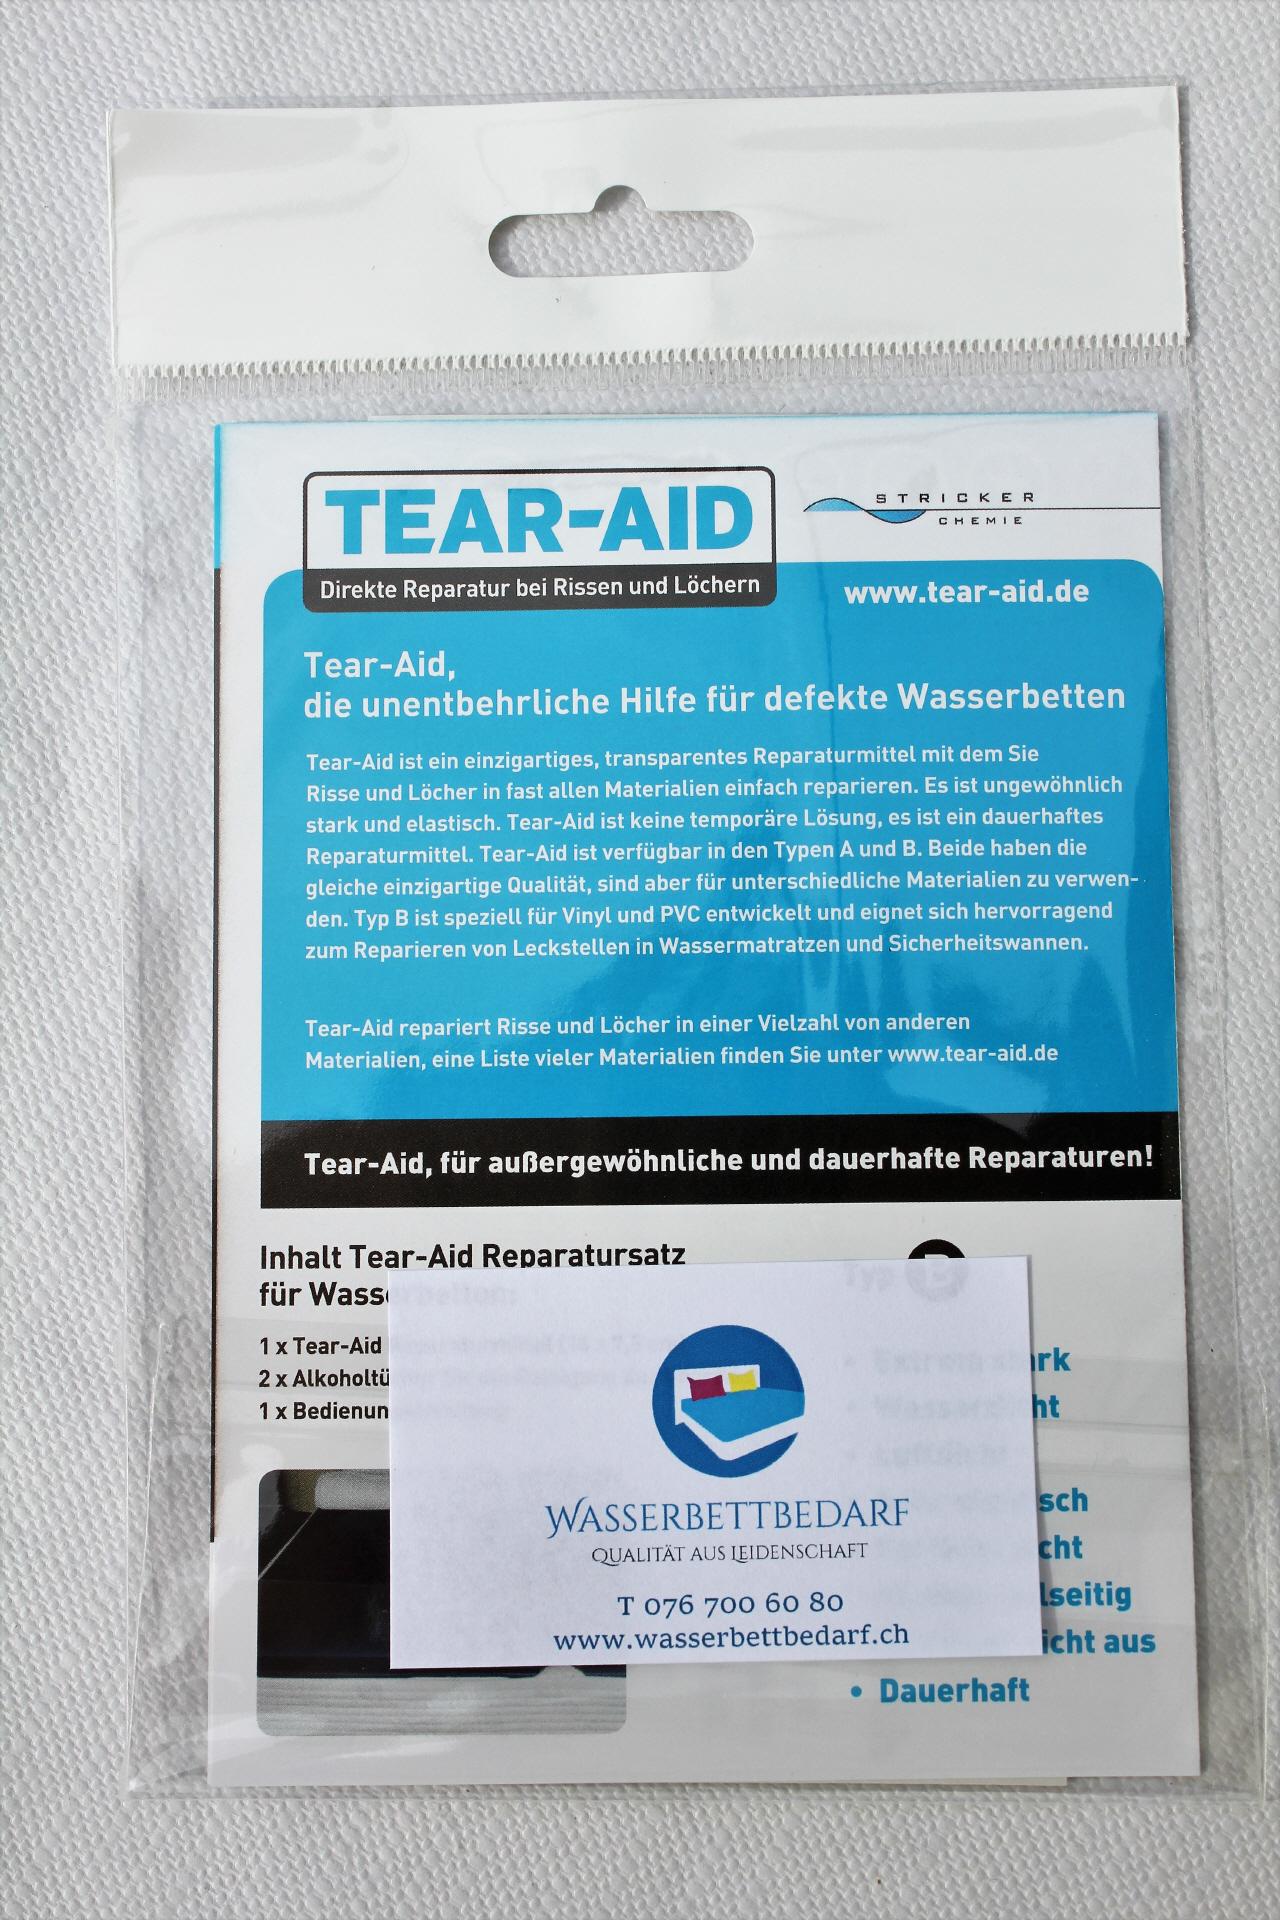 Schön Wasserbettbedarf Dekoration Von Tear-aid Direkte Reparatur Bei Rissen/löcher